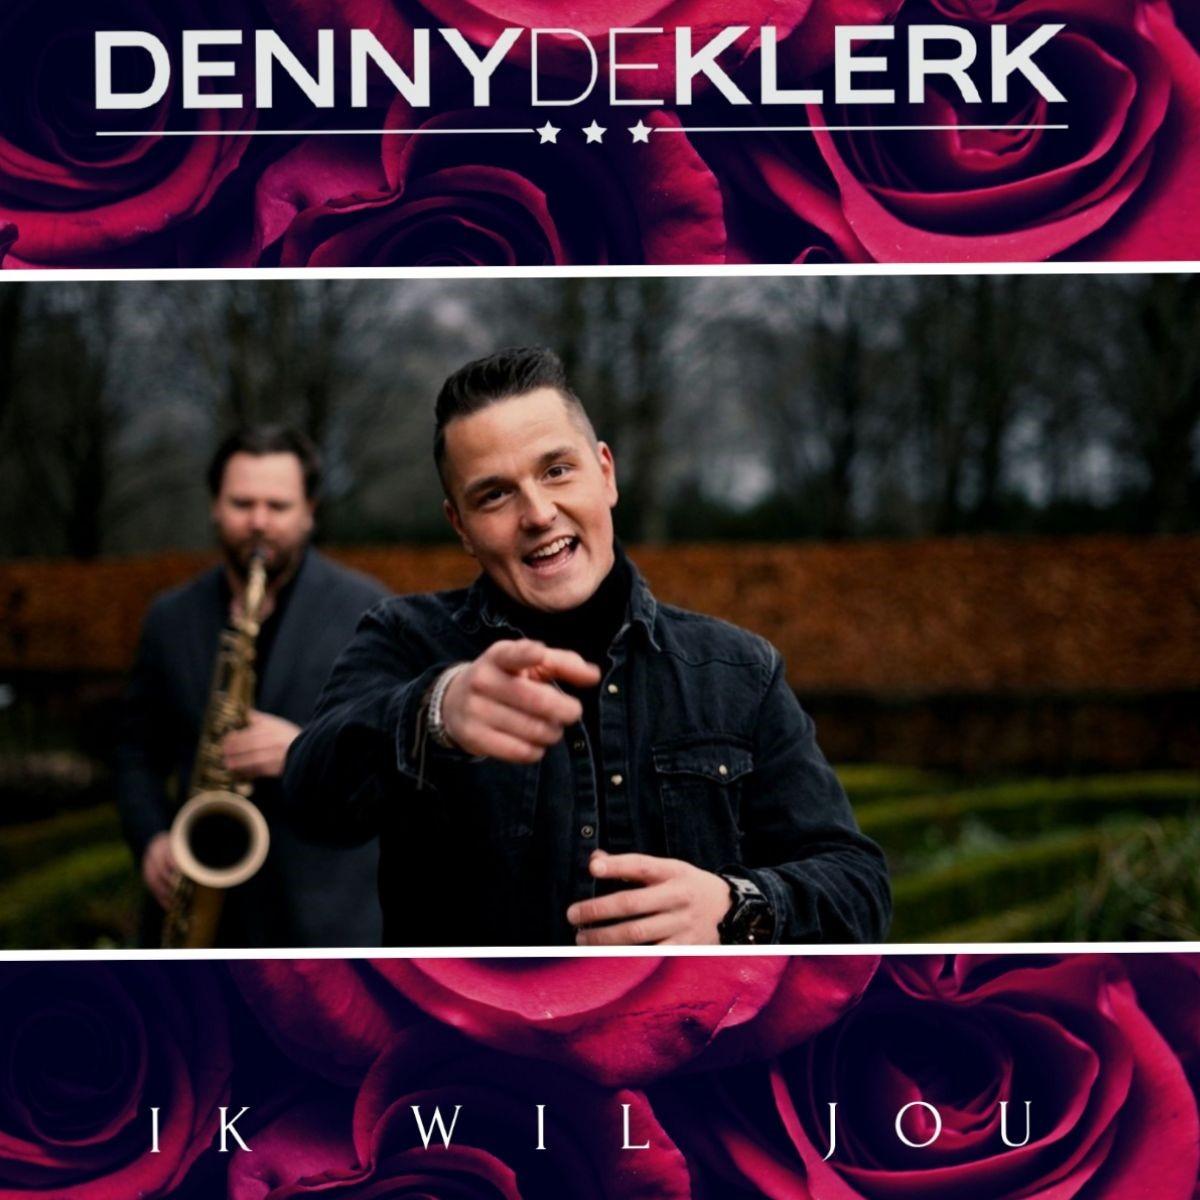 Denny de Klerk - Ik wil jou